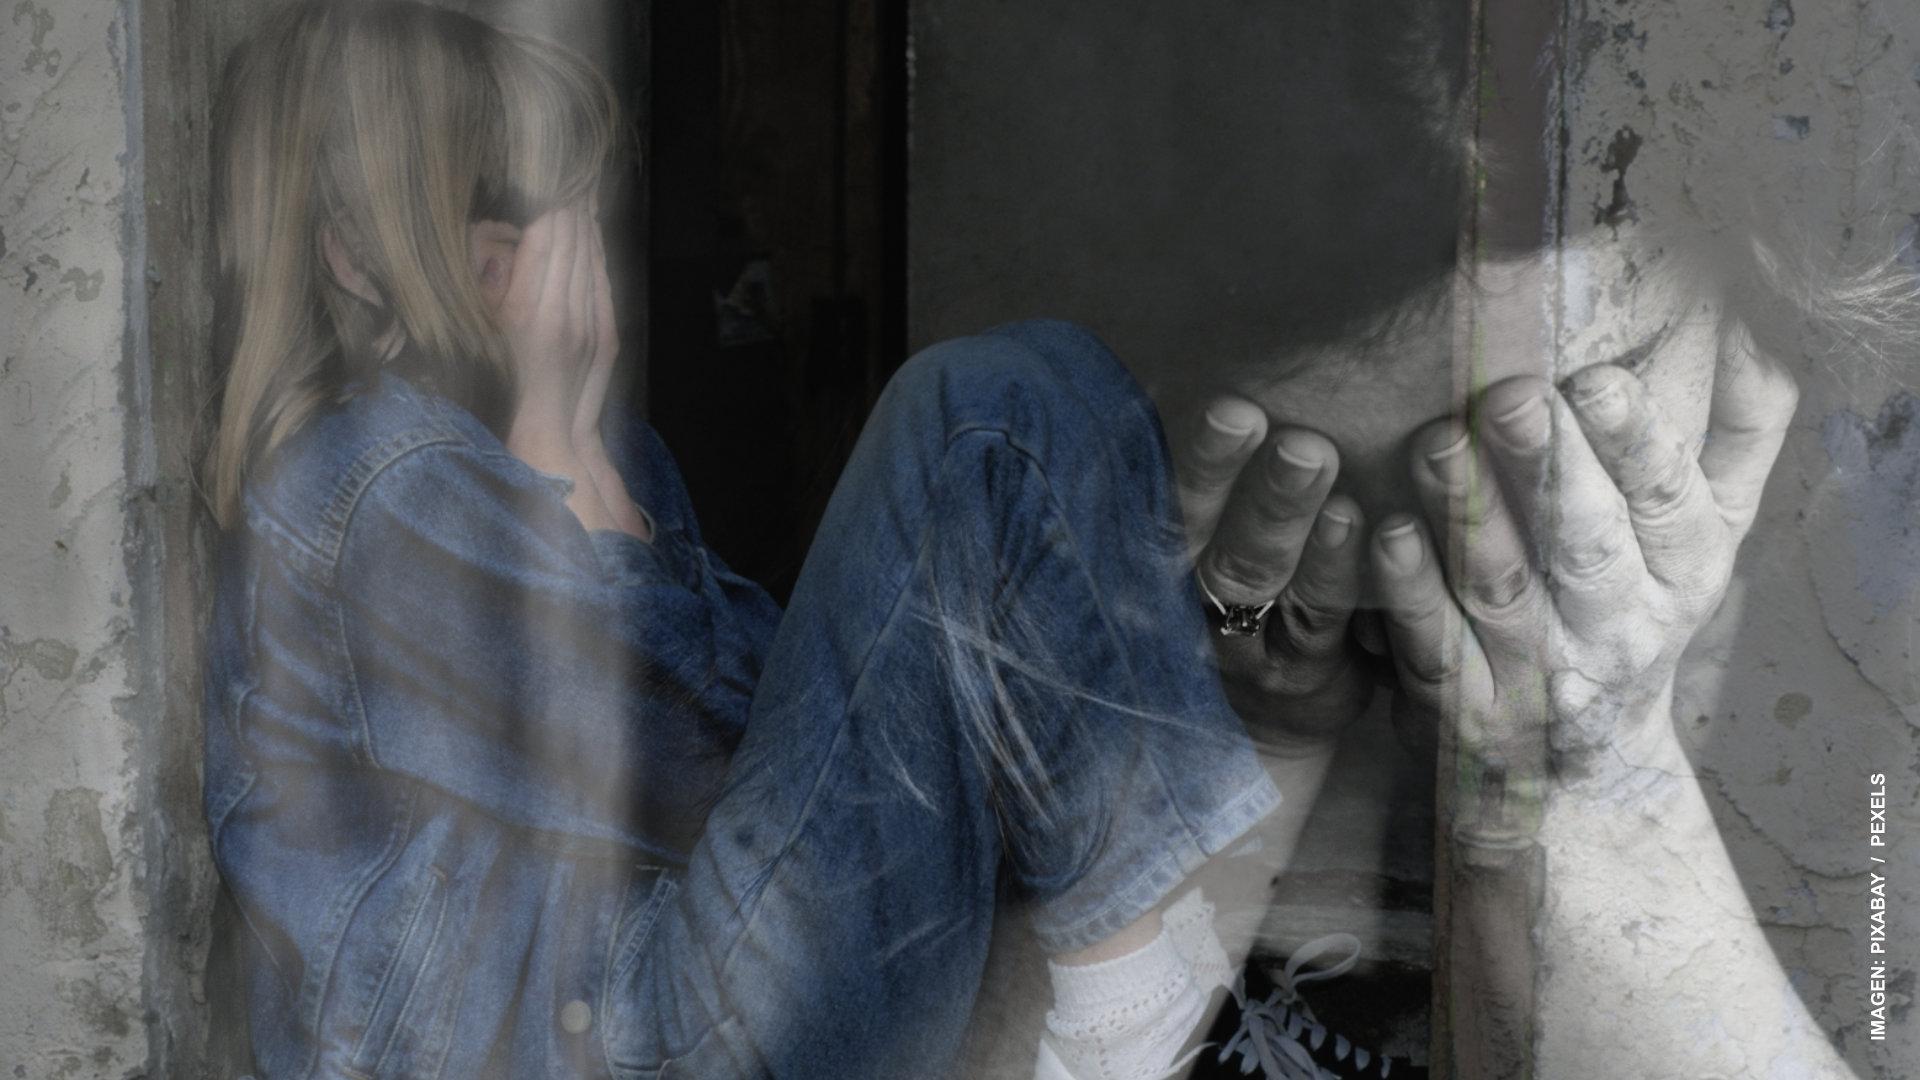 El aislamiento provoca trastornos en niños